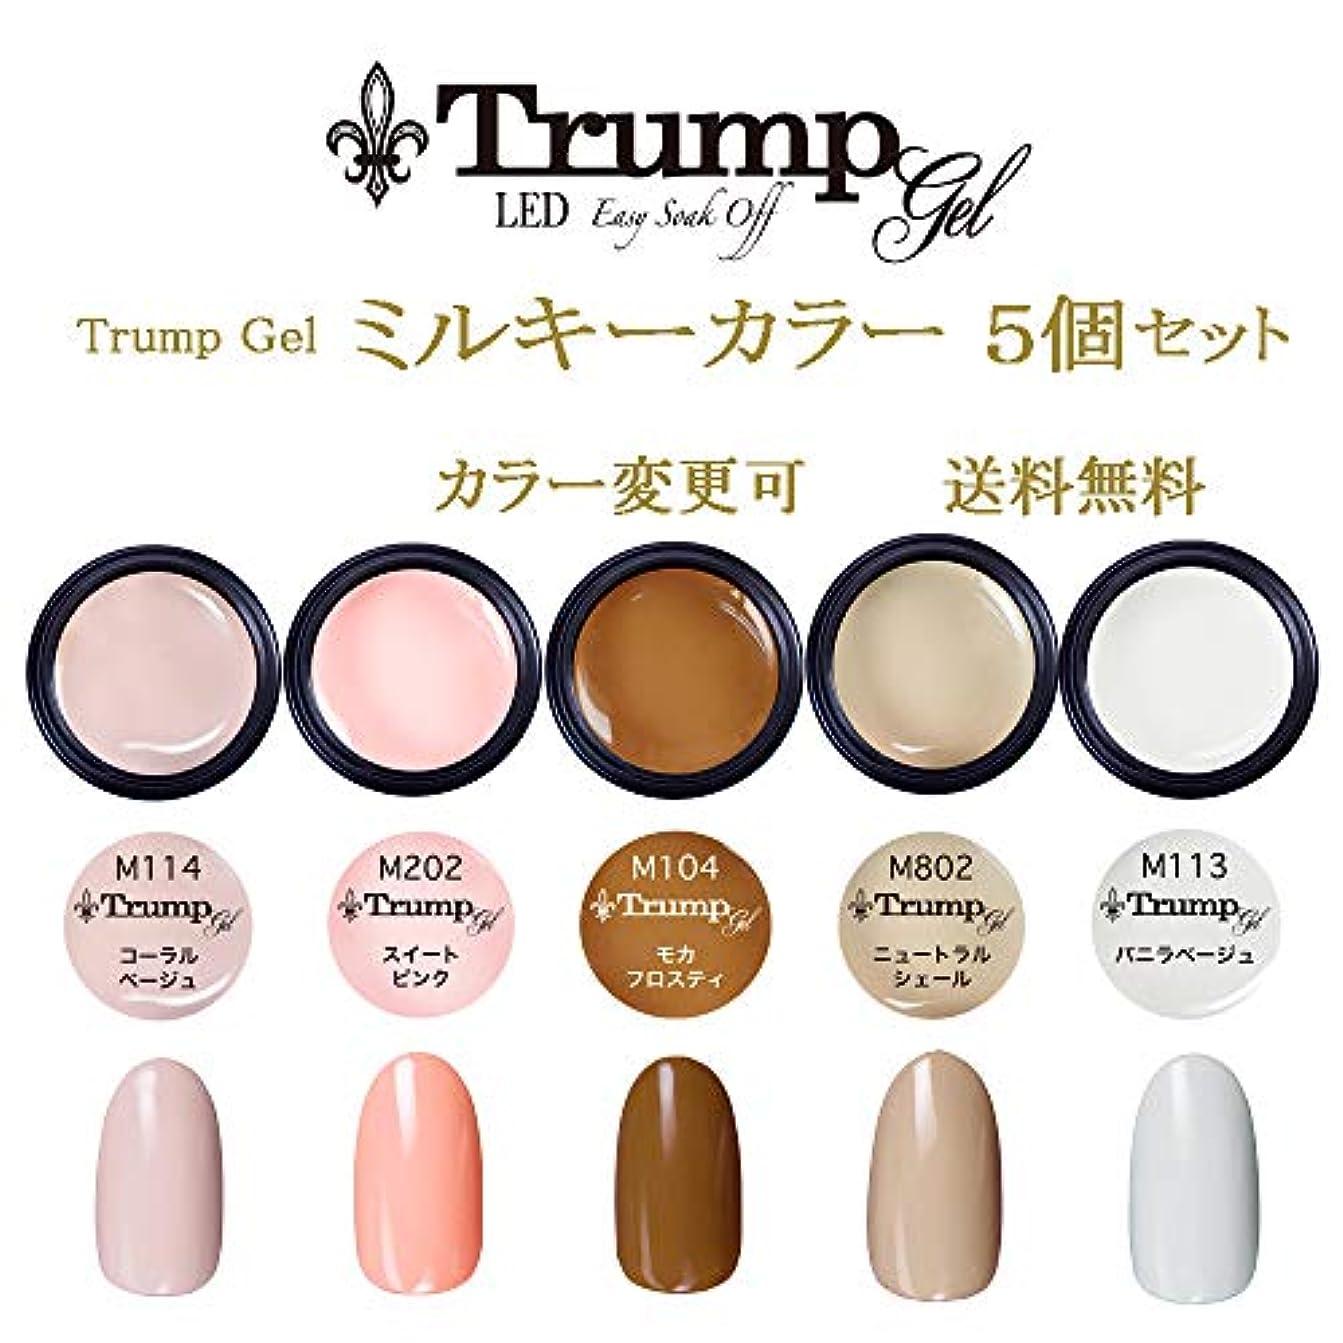 エミュレートする以前は住む【送料無料】日本製 Trump gel トランプジェル ミルキーカラー 選べる カラージェル 5個セット ミルキーネイル ベージュ ピンク ミルキー カラー